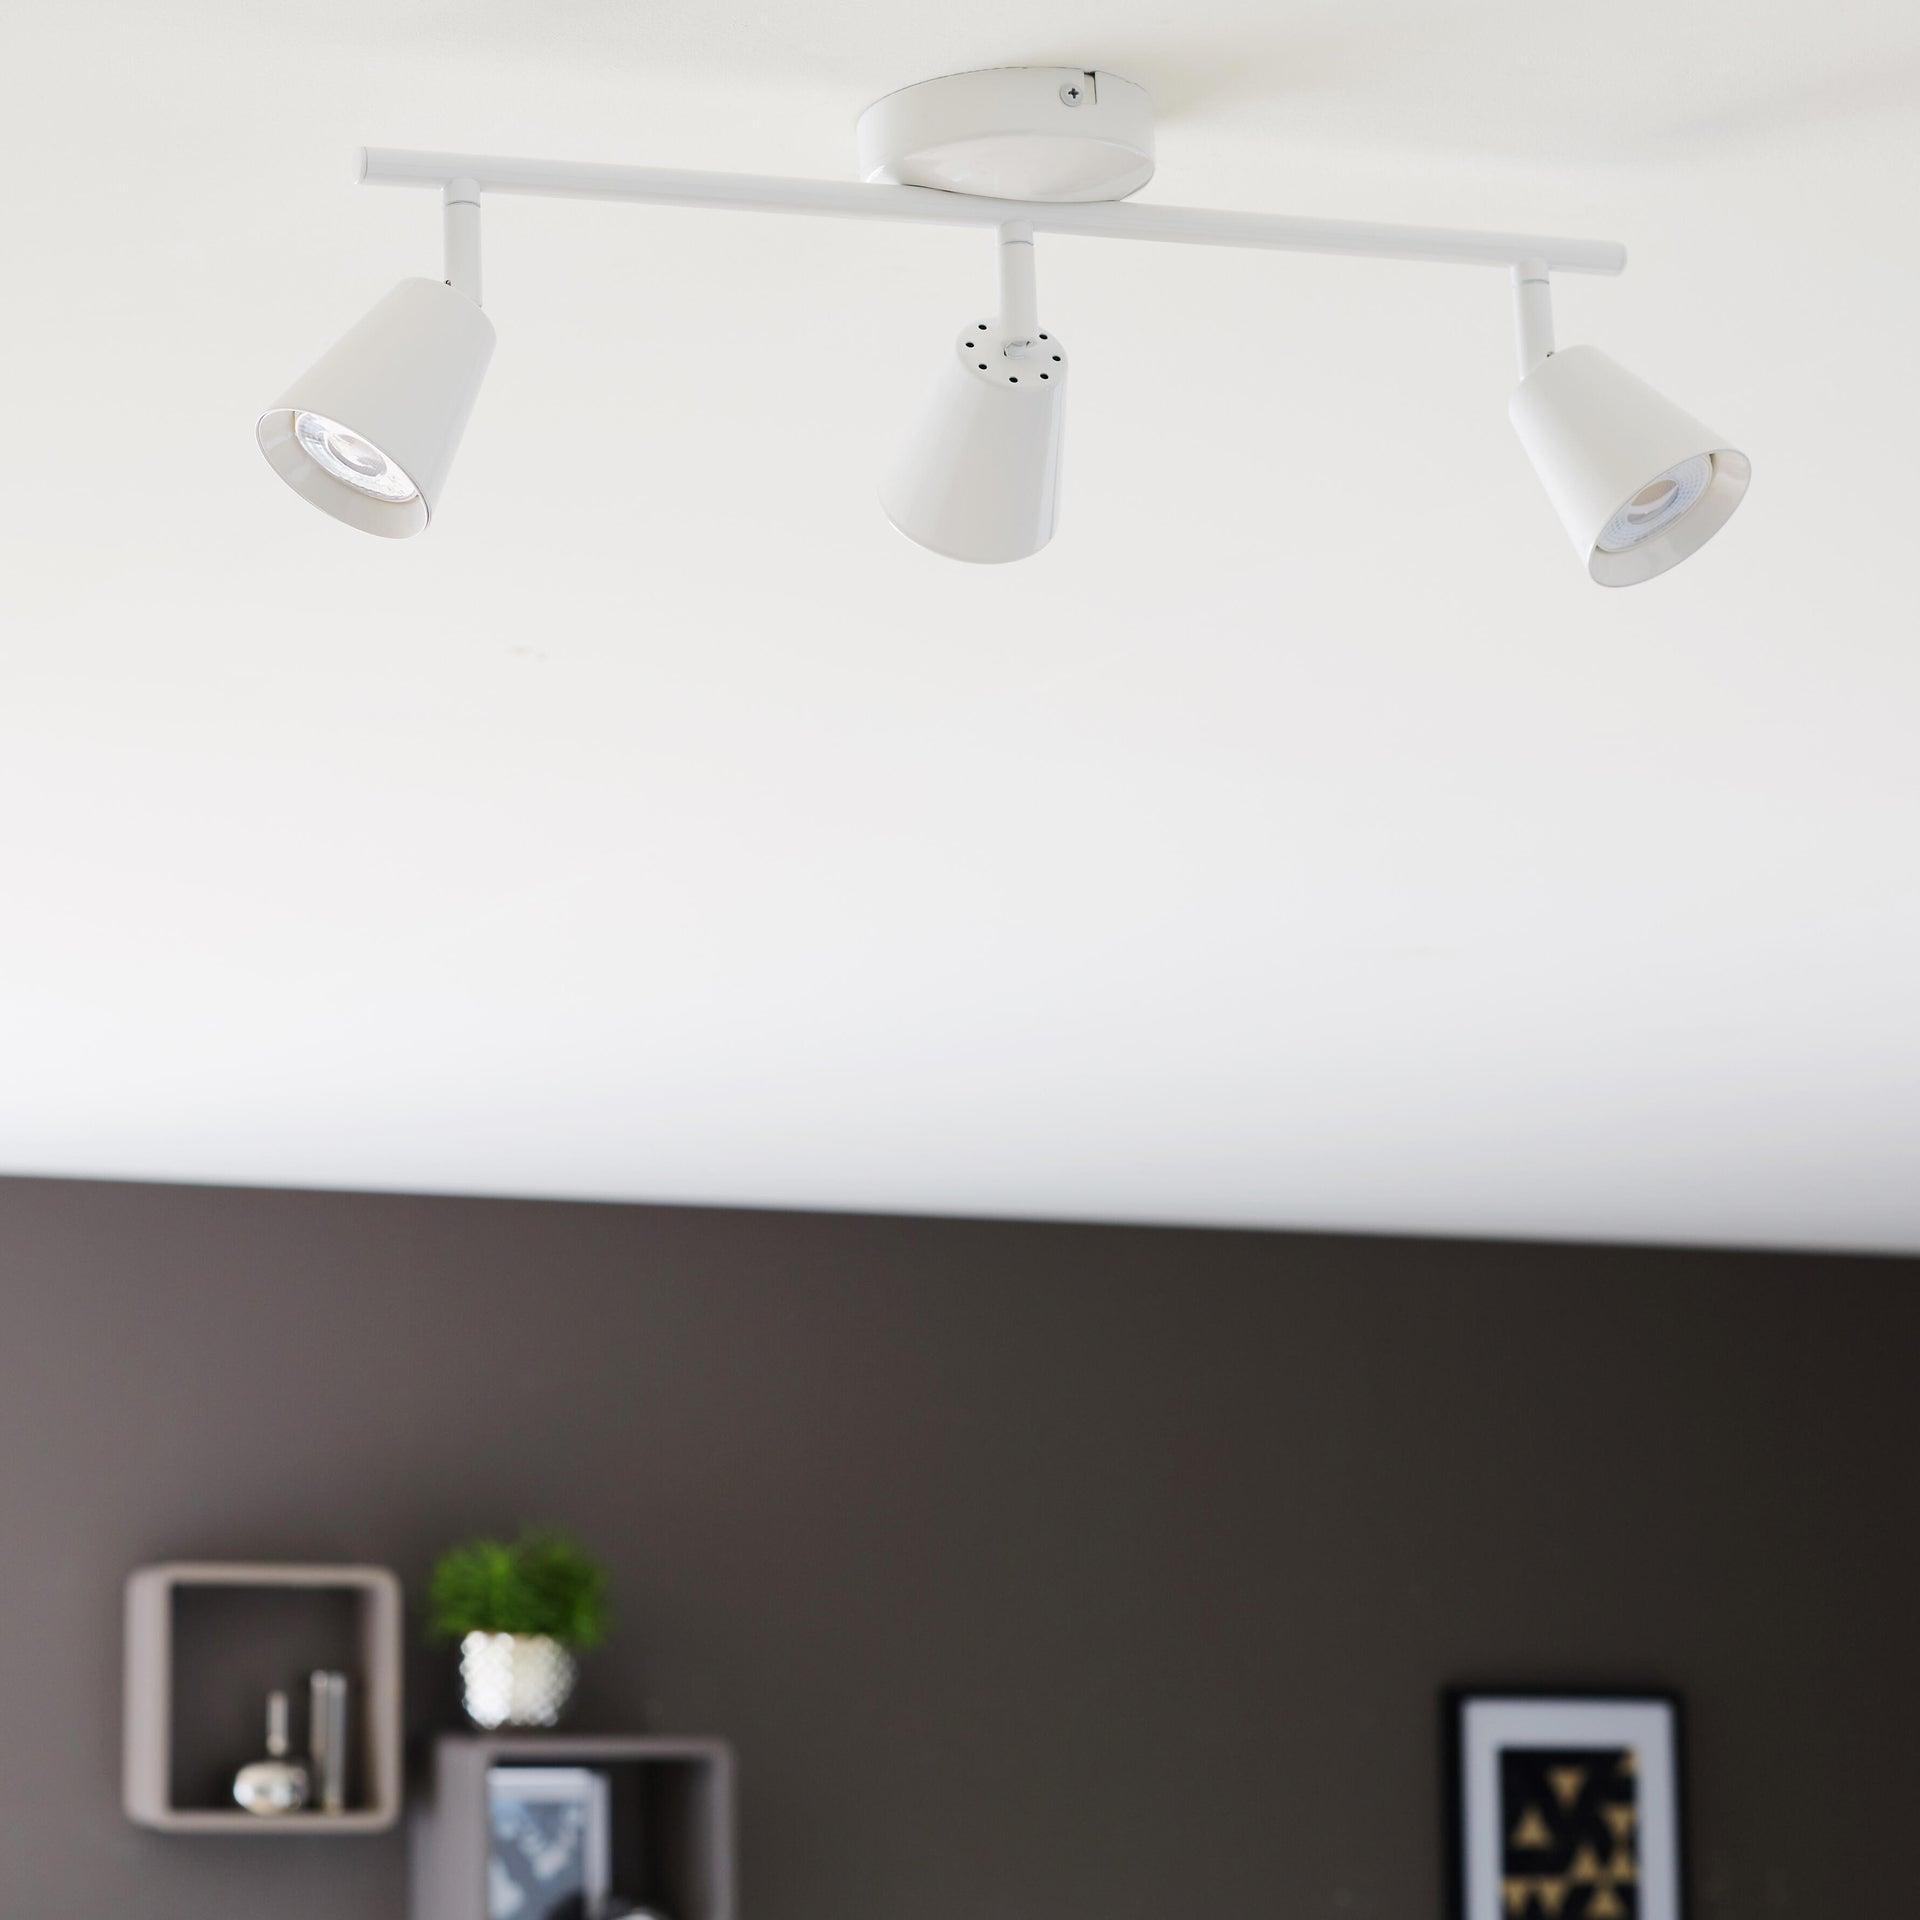 Barra di faretti Chapo bianco, in metallo, LED integrato 3.5W 840LM IP20 INSPIRE - 2